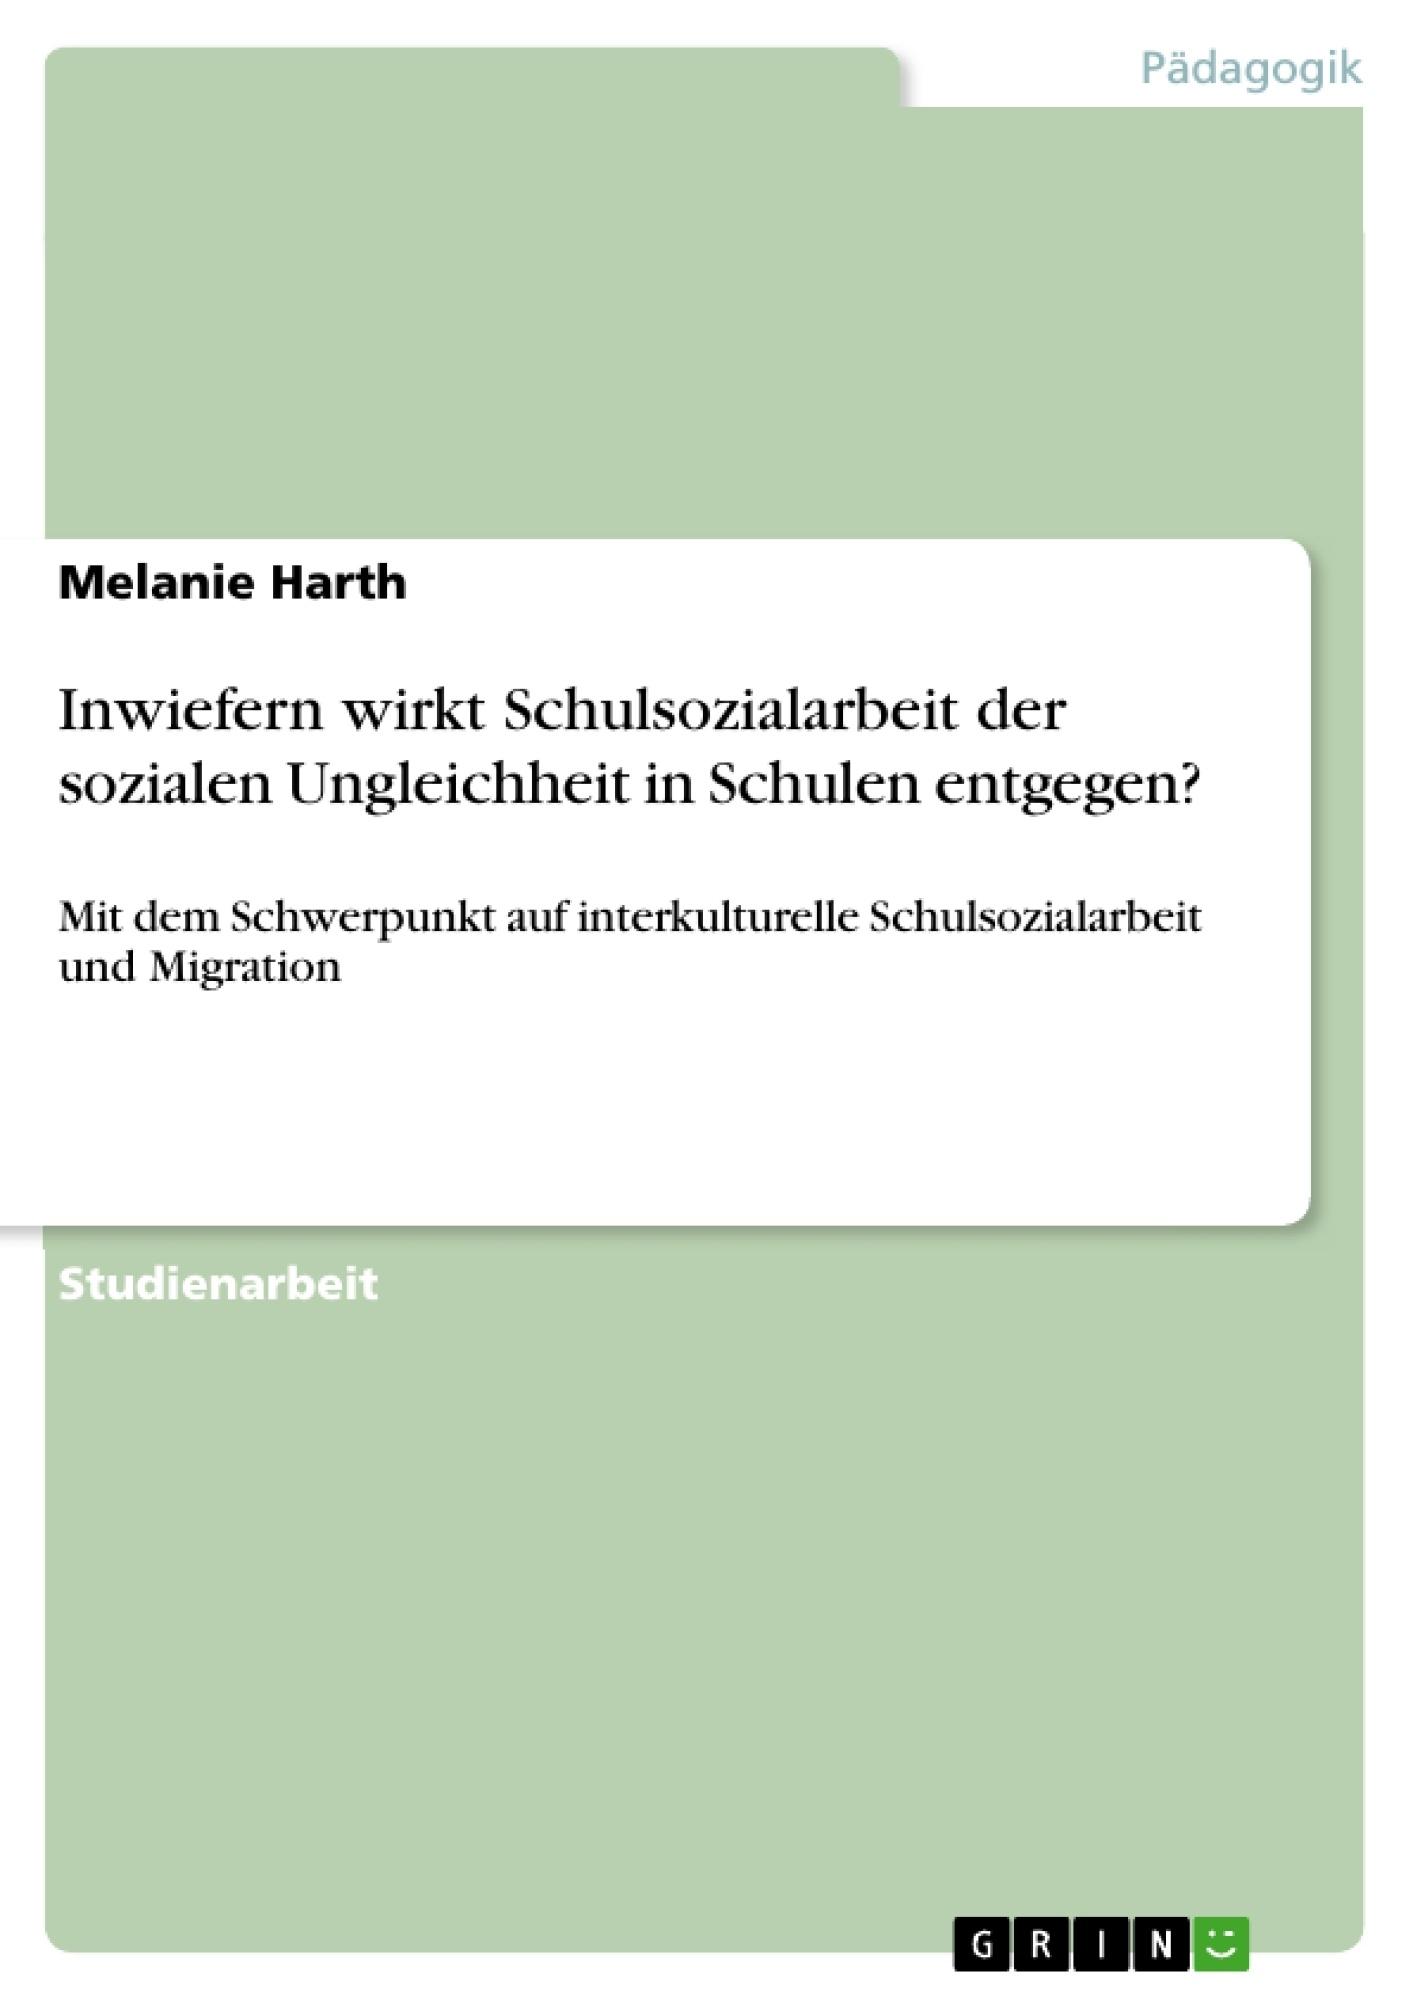 Titel: Inwiefern wirkt Schulsozialarbeit der sozialen Ungleichheit in Schulen entgegen?